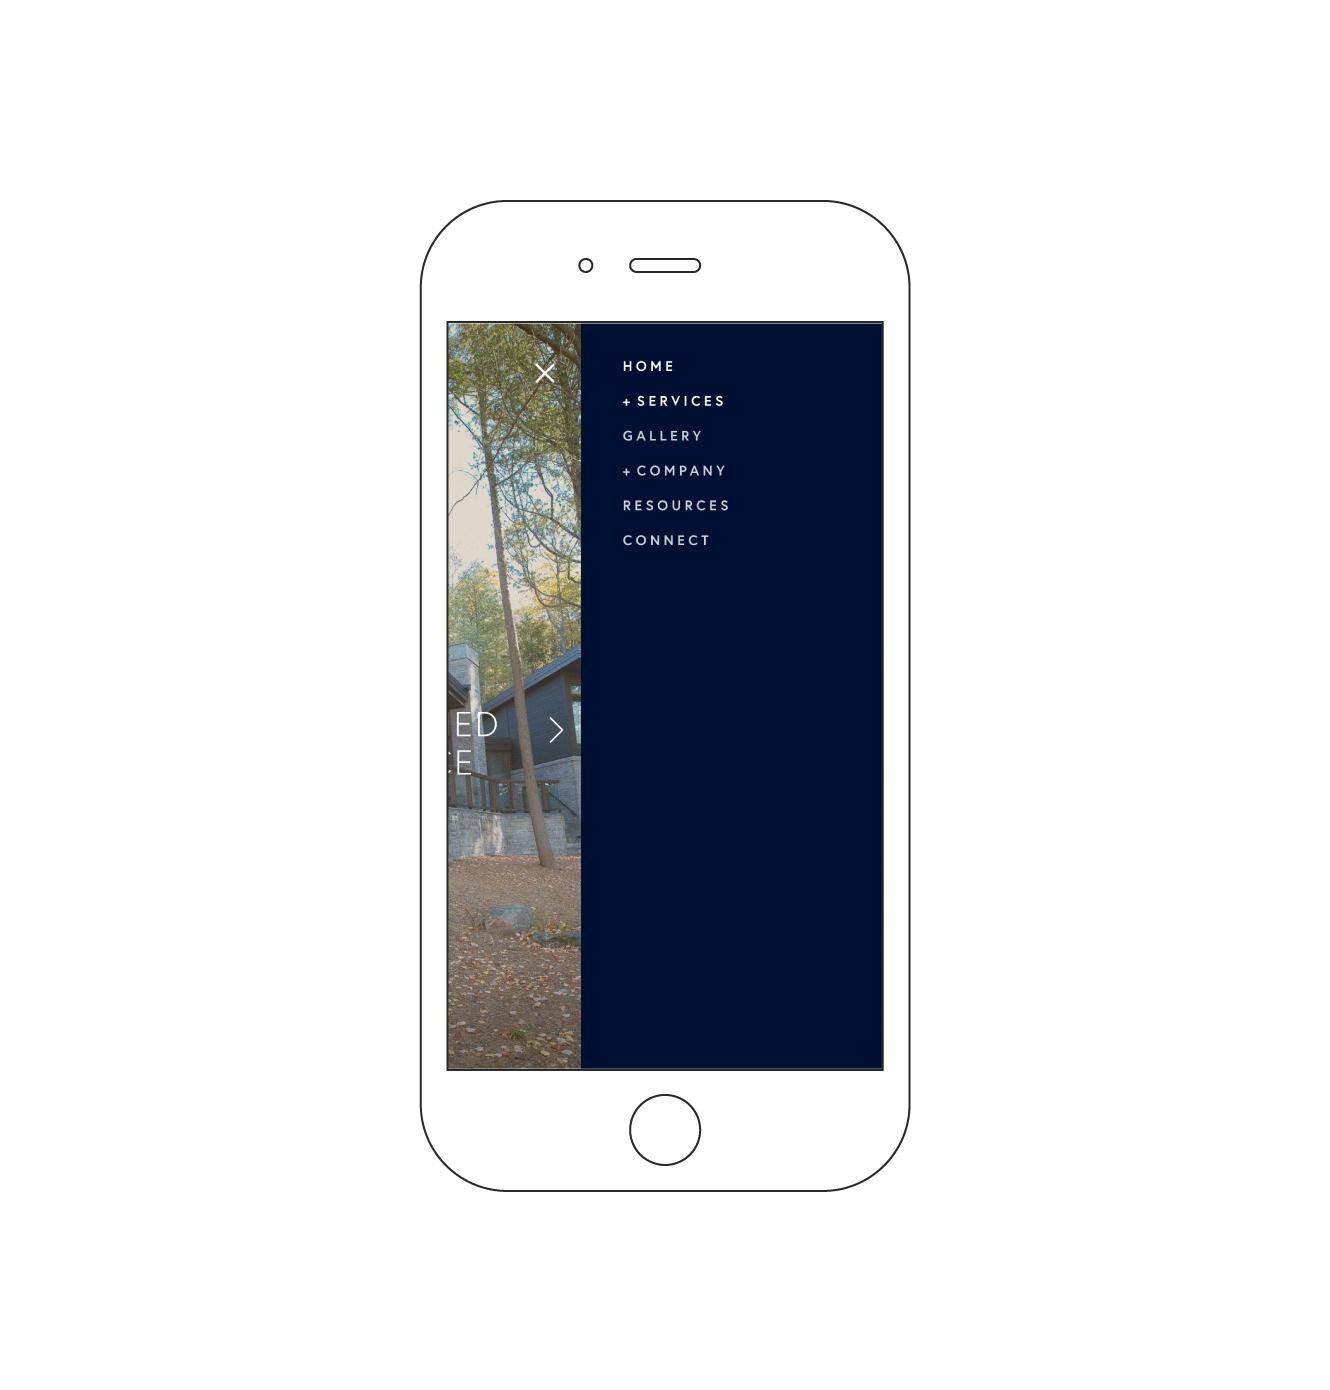 pbj-6-screen-G+B_mobile_2.png